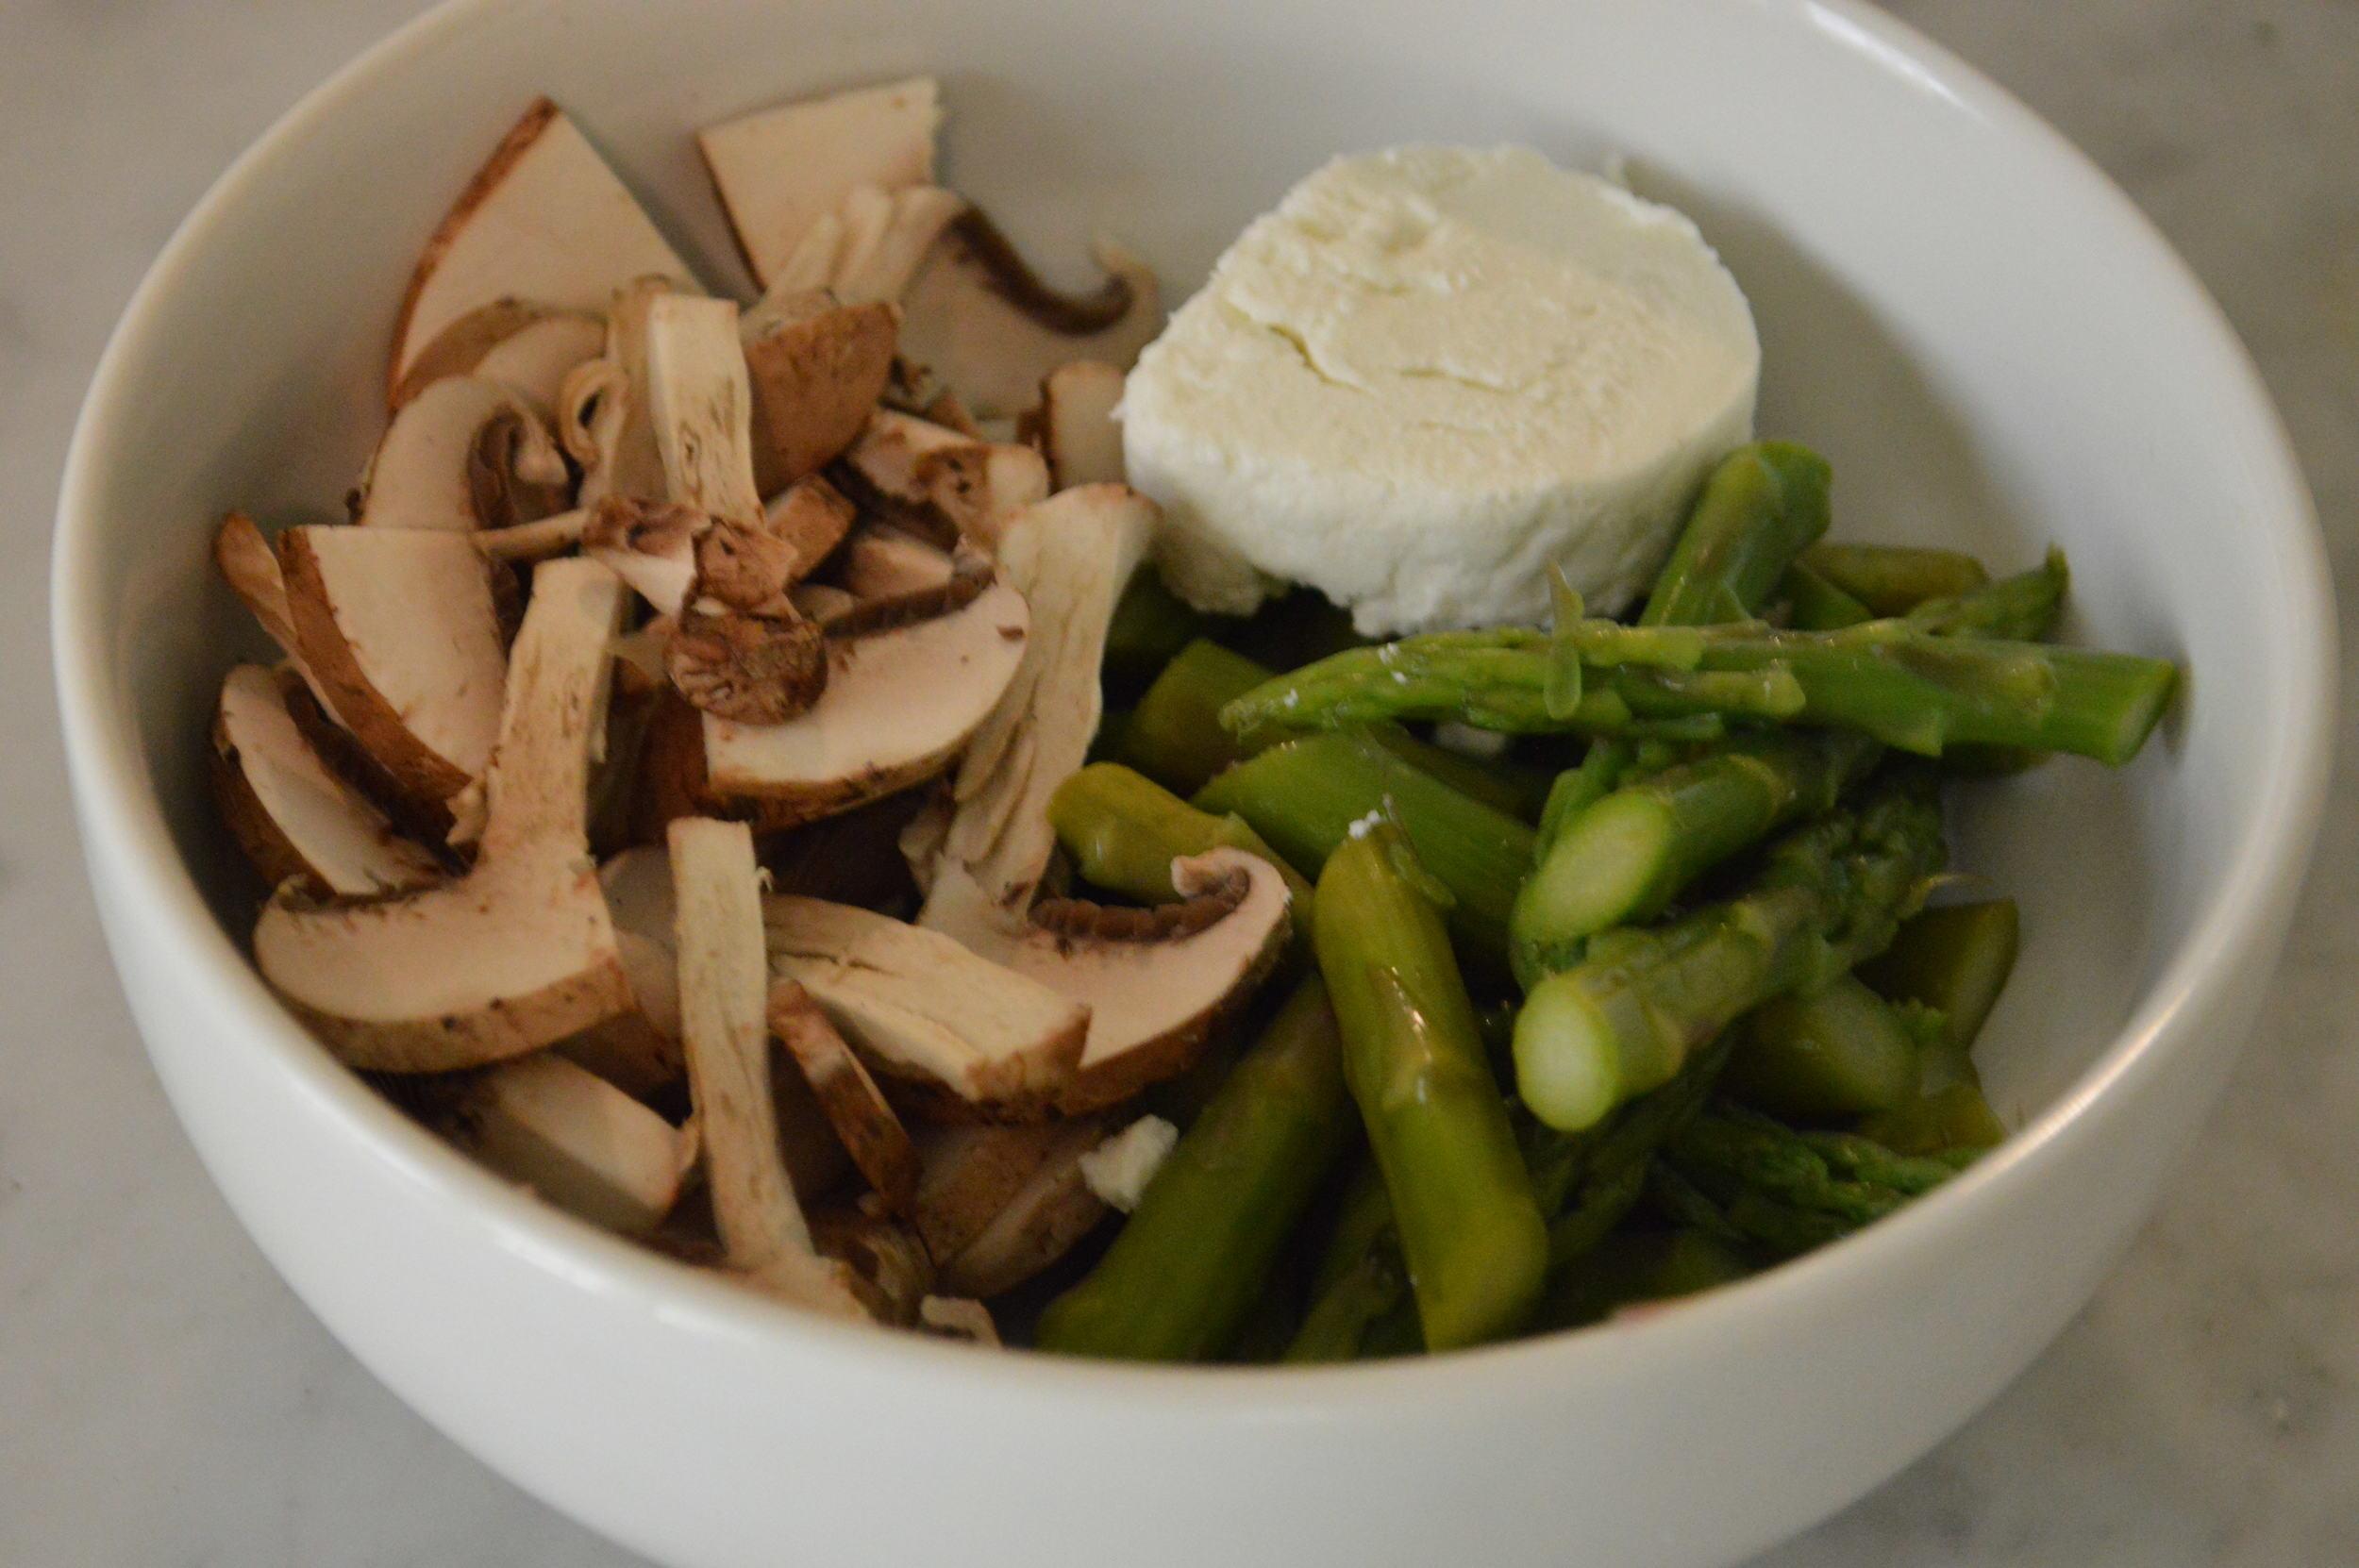 asparagus, mushrooms & goat cheese